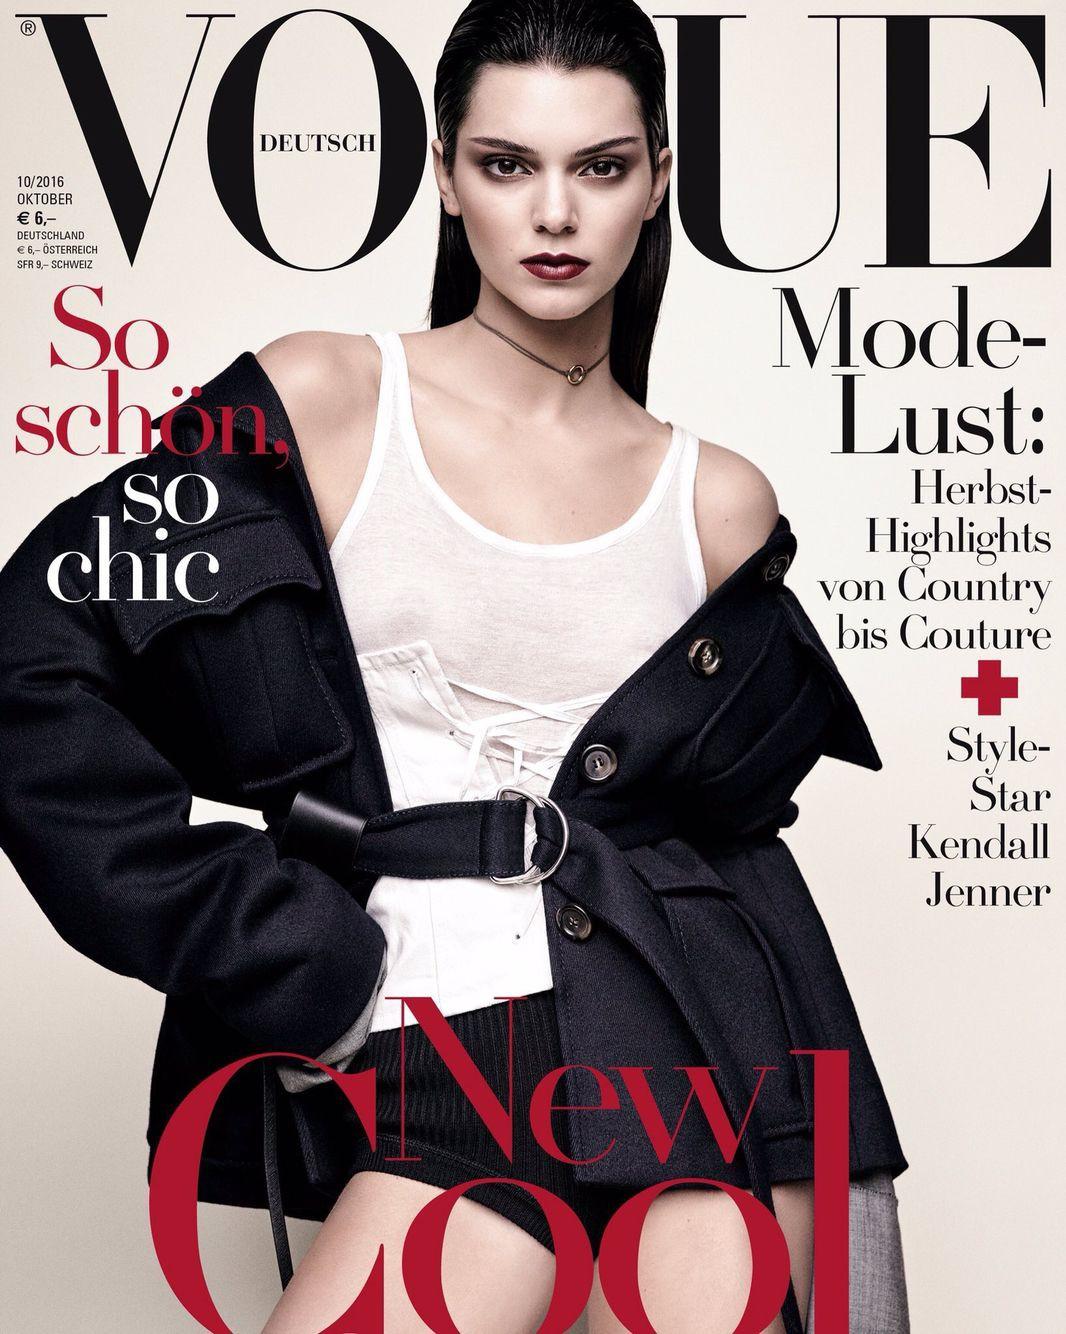 Kendall Jenner: Kẻ lạc loài nhà Kardashian đến mẫu 9x đắt giá nhất thế giới, cháu trai của Tổng thống Mỹ cũng phải mê - Ảnh 6.